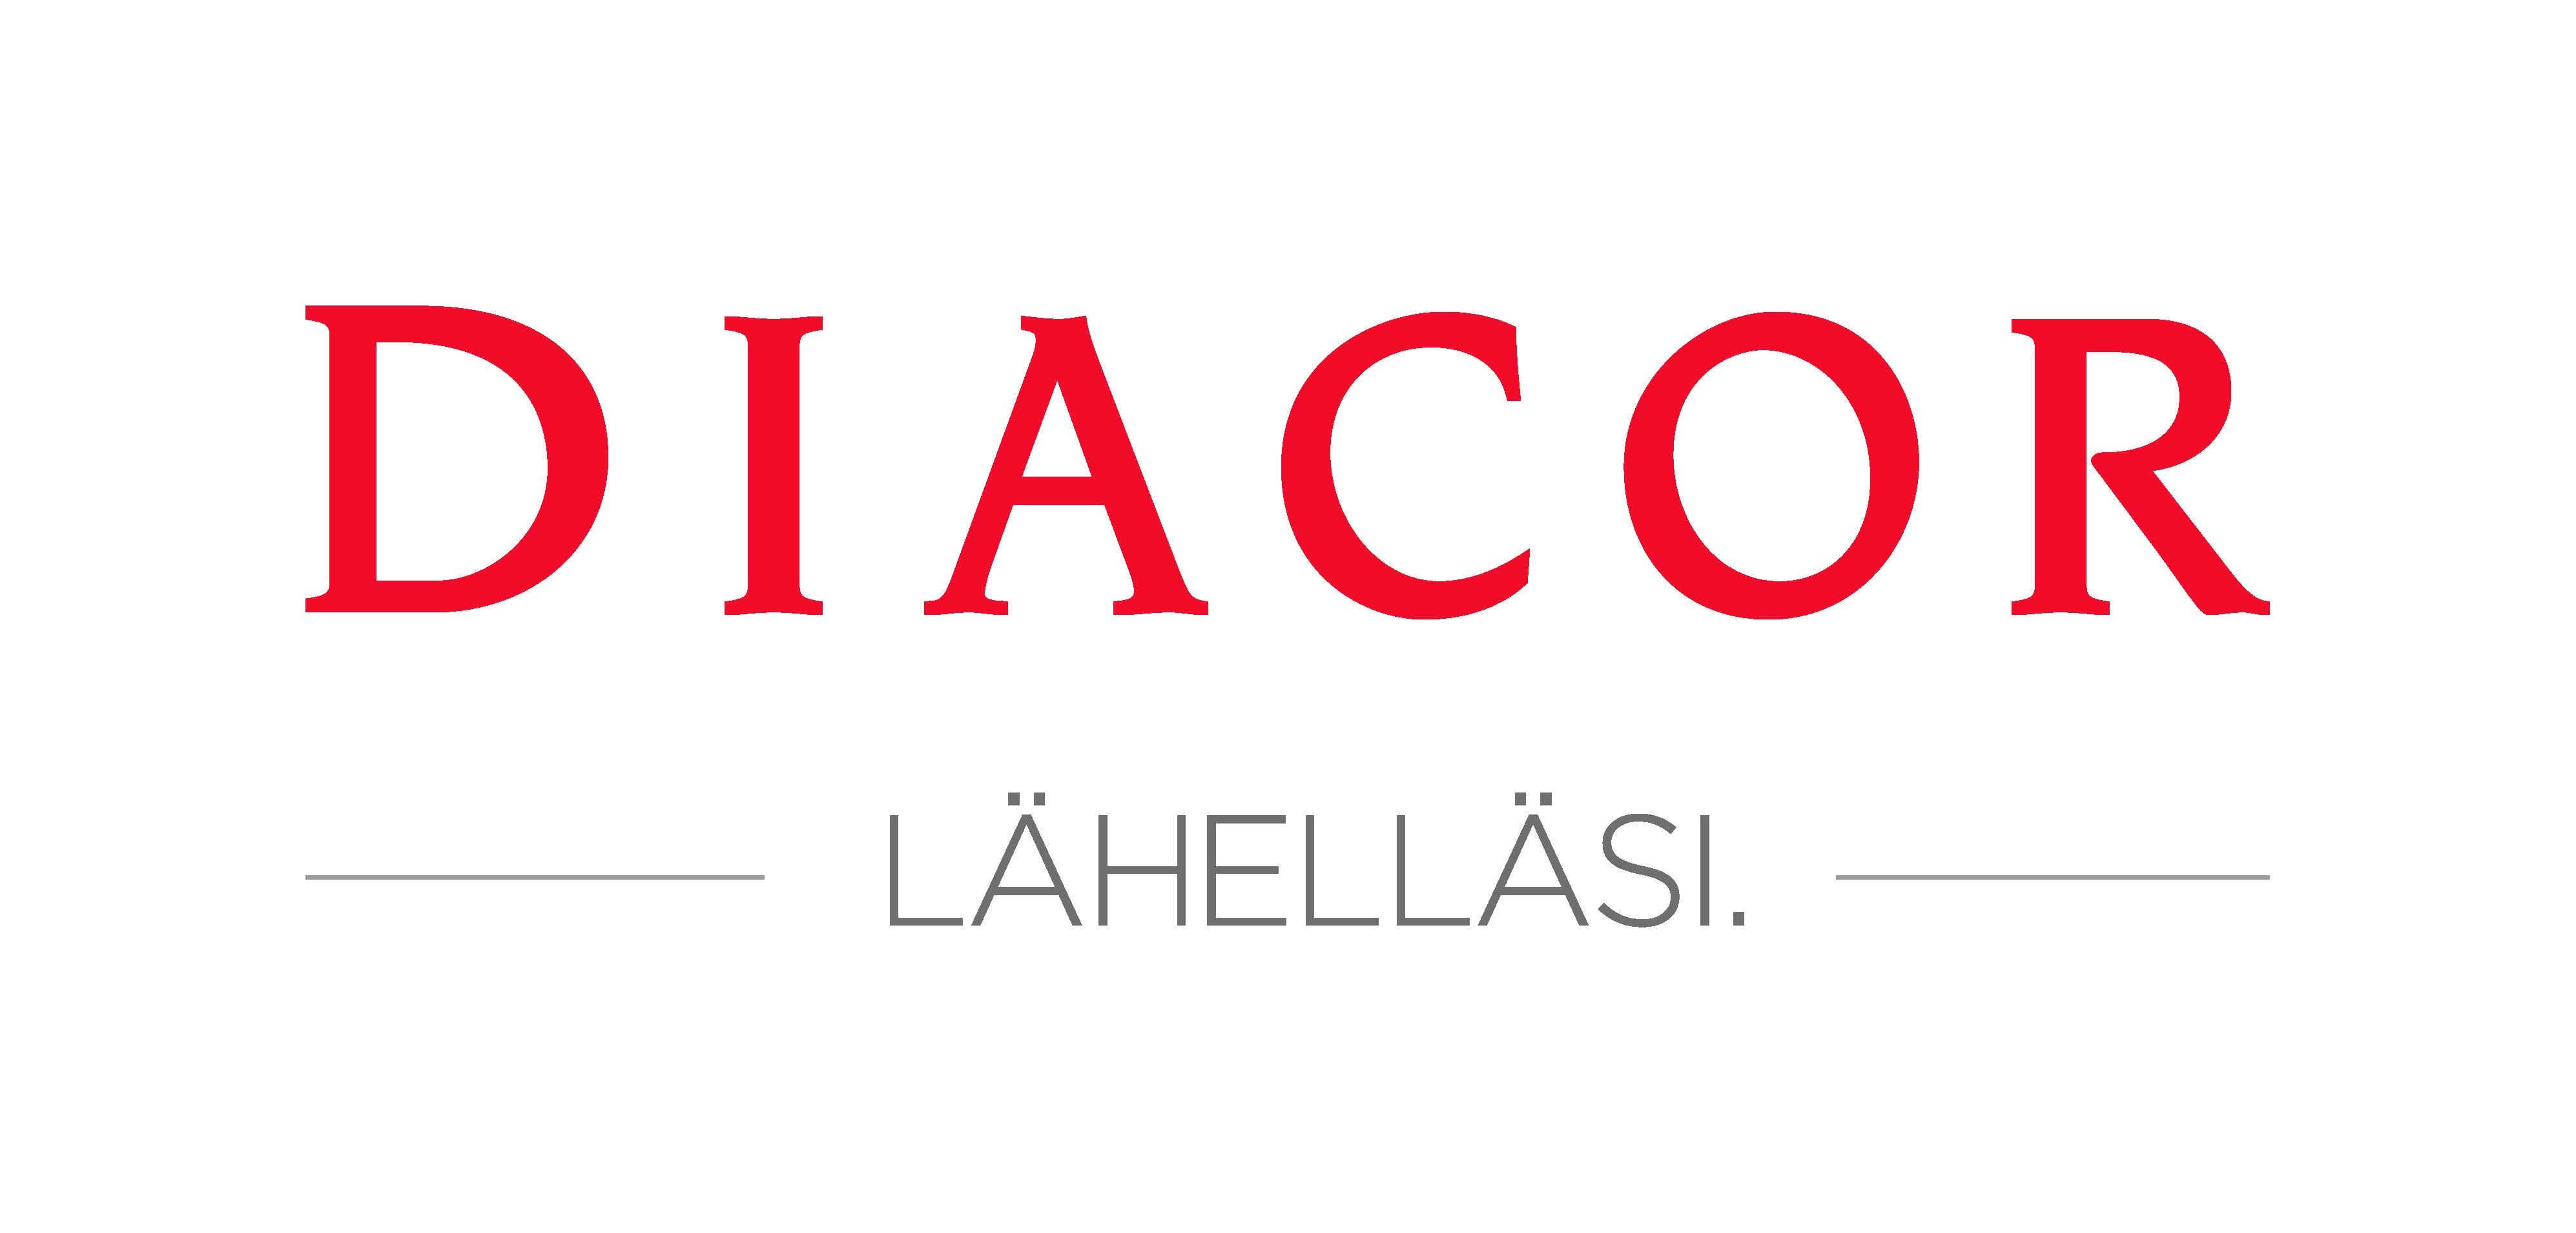 diacor_lahellasi_negatausta